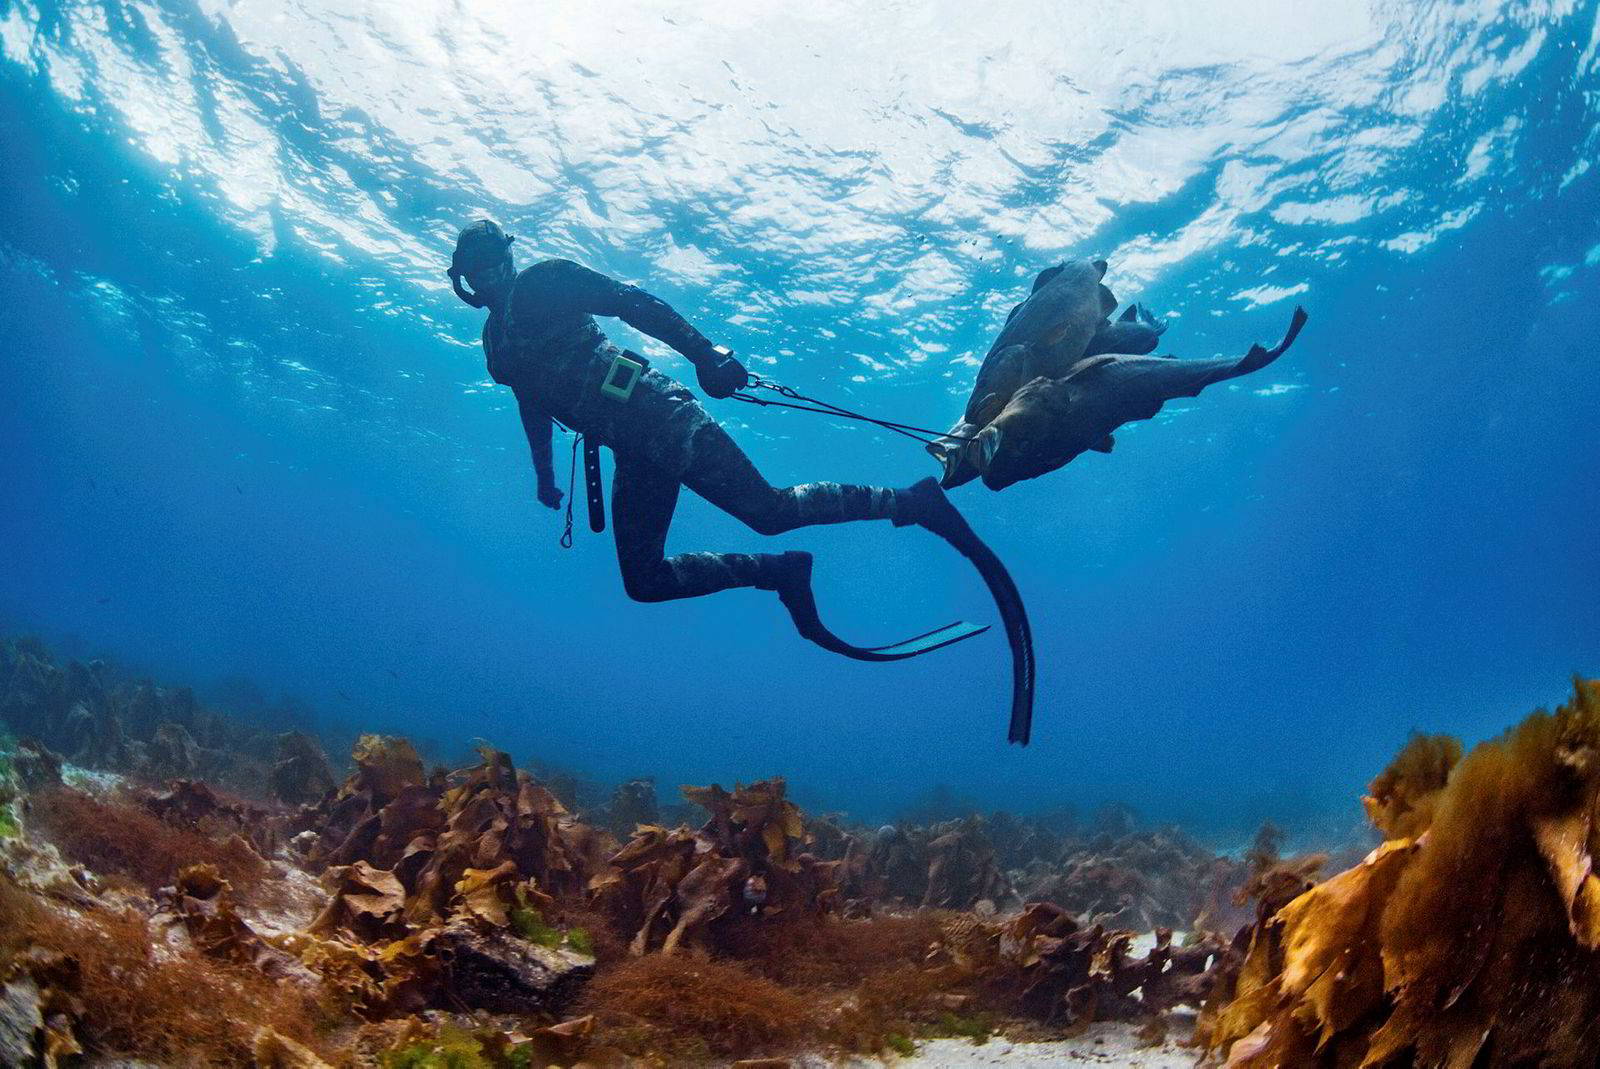 Undervannsjakt i Saltstraumen. Jan Roald Wullf Treni drar fangsten sin til båten. Torsk opp mot 35 kg er skutt med spyd i verdens sterkeste tidevannstrøm.